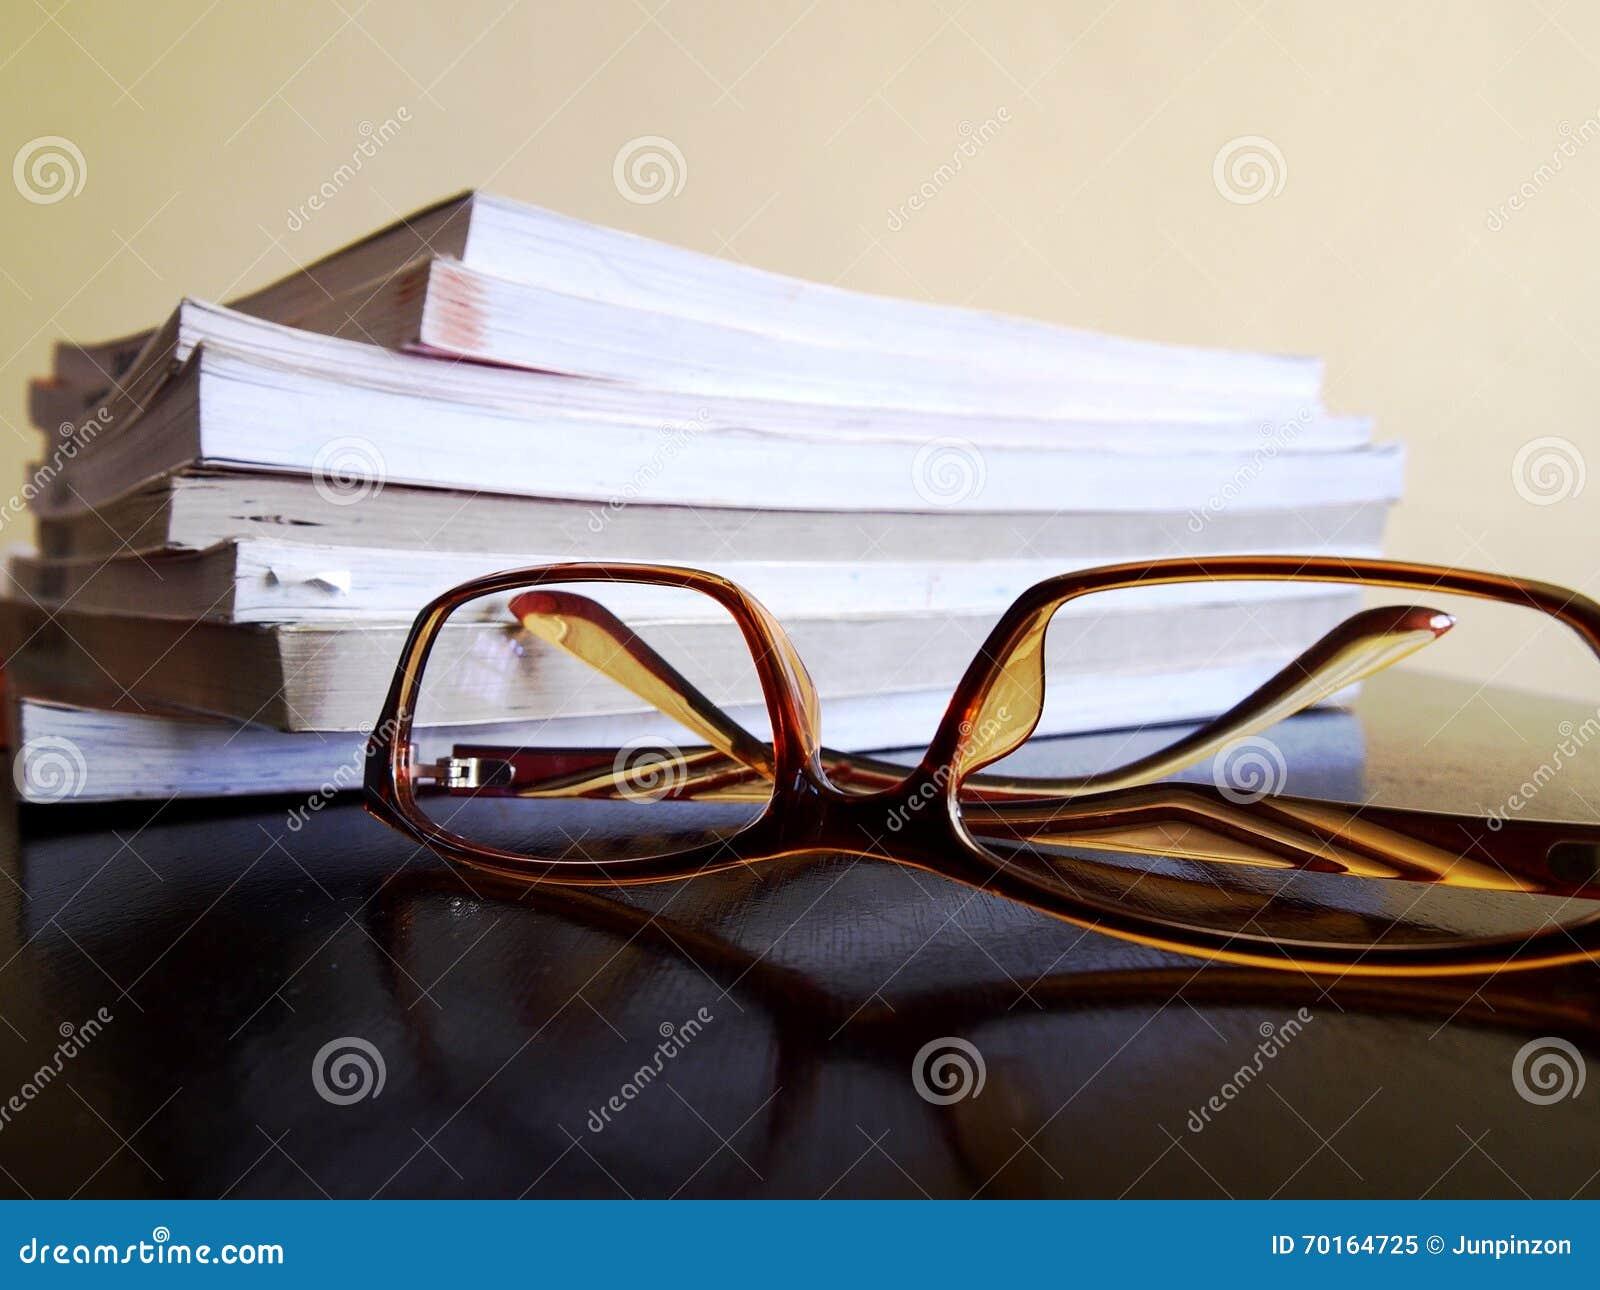 Pila de libros y un par de lentes